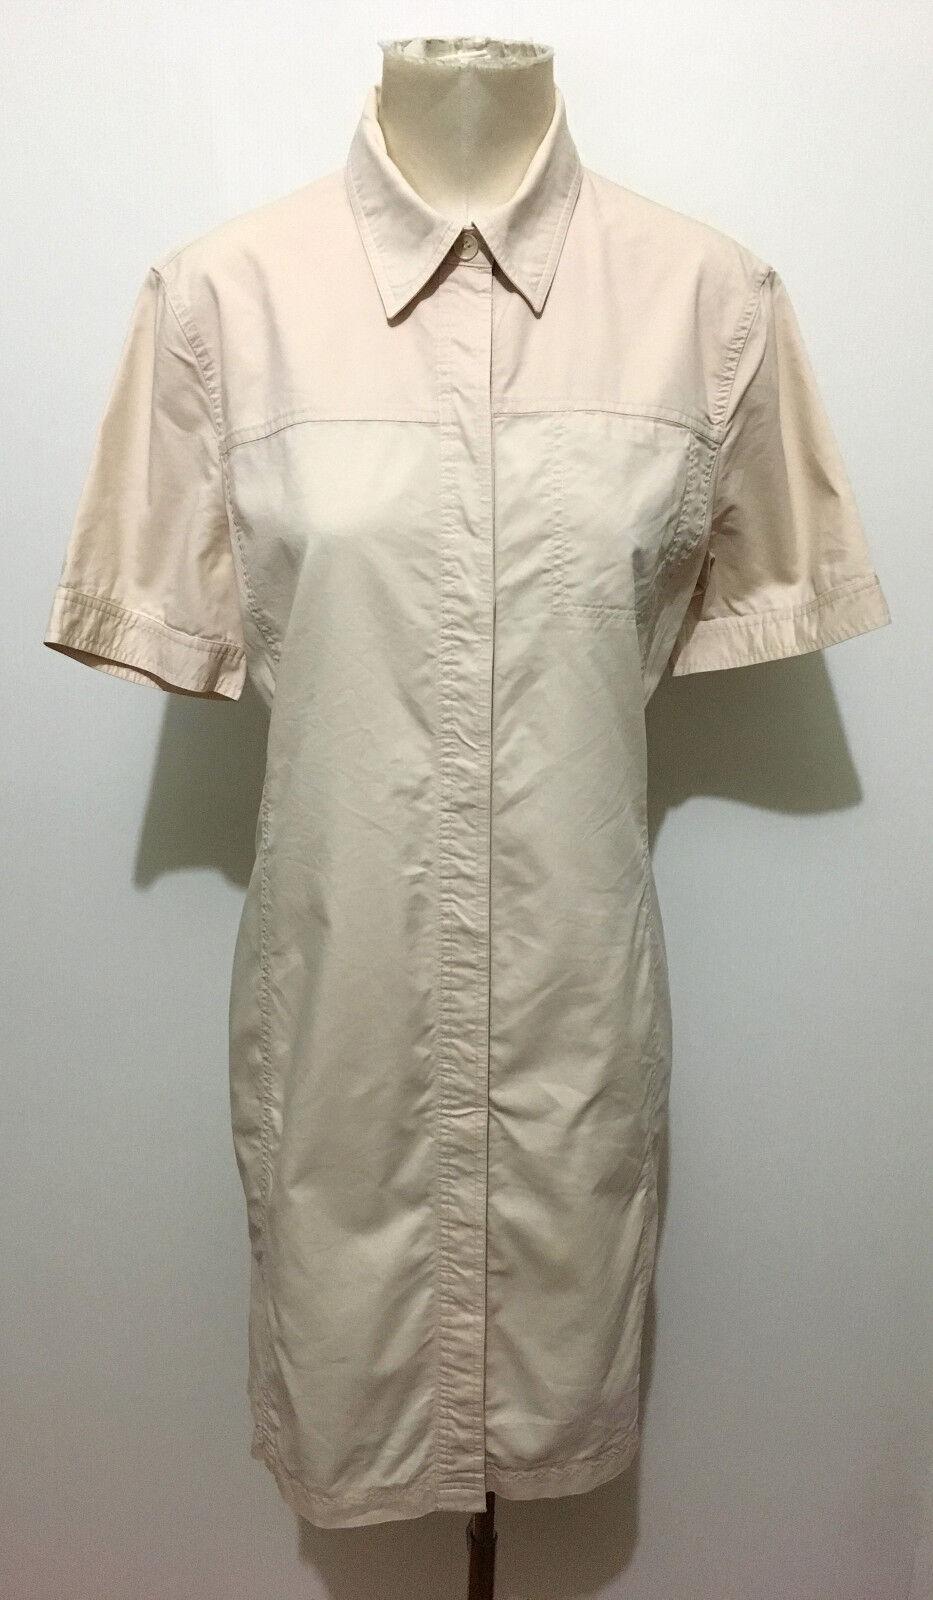 HUGO BOSS Abito Vestito women Cotone Cotton Woman Dress Sz.L - 46